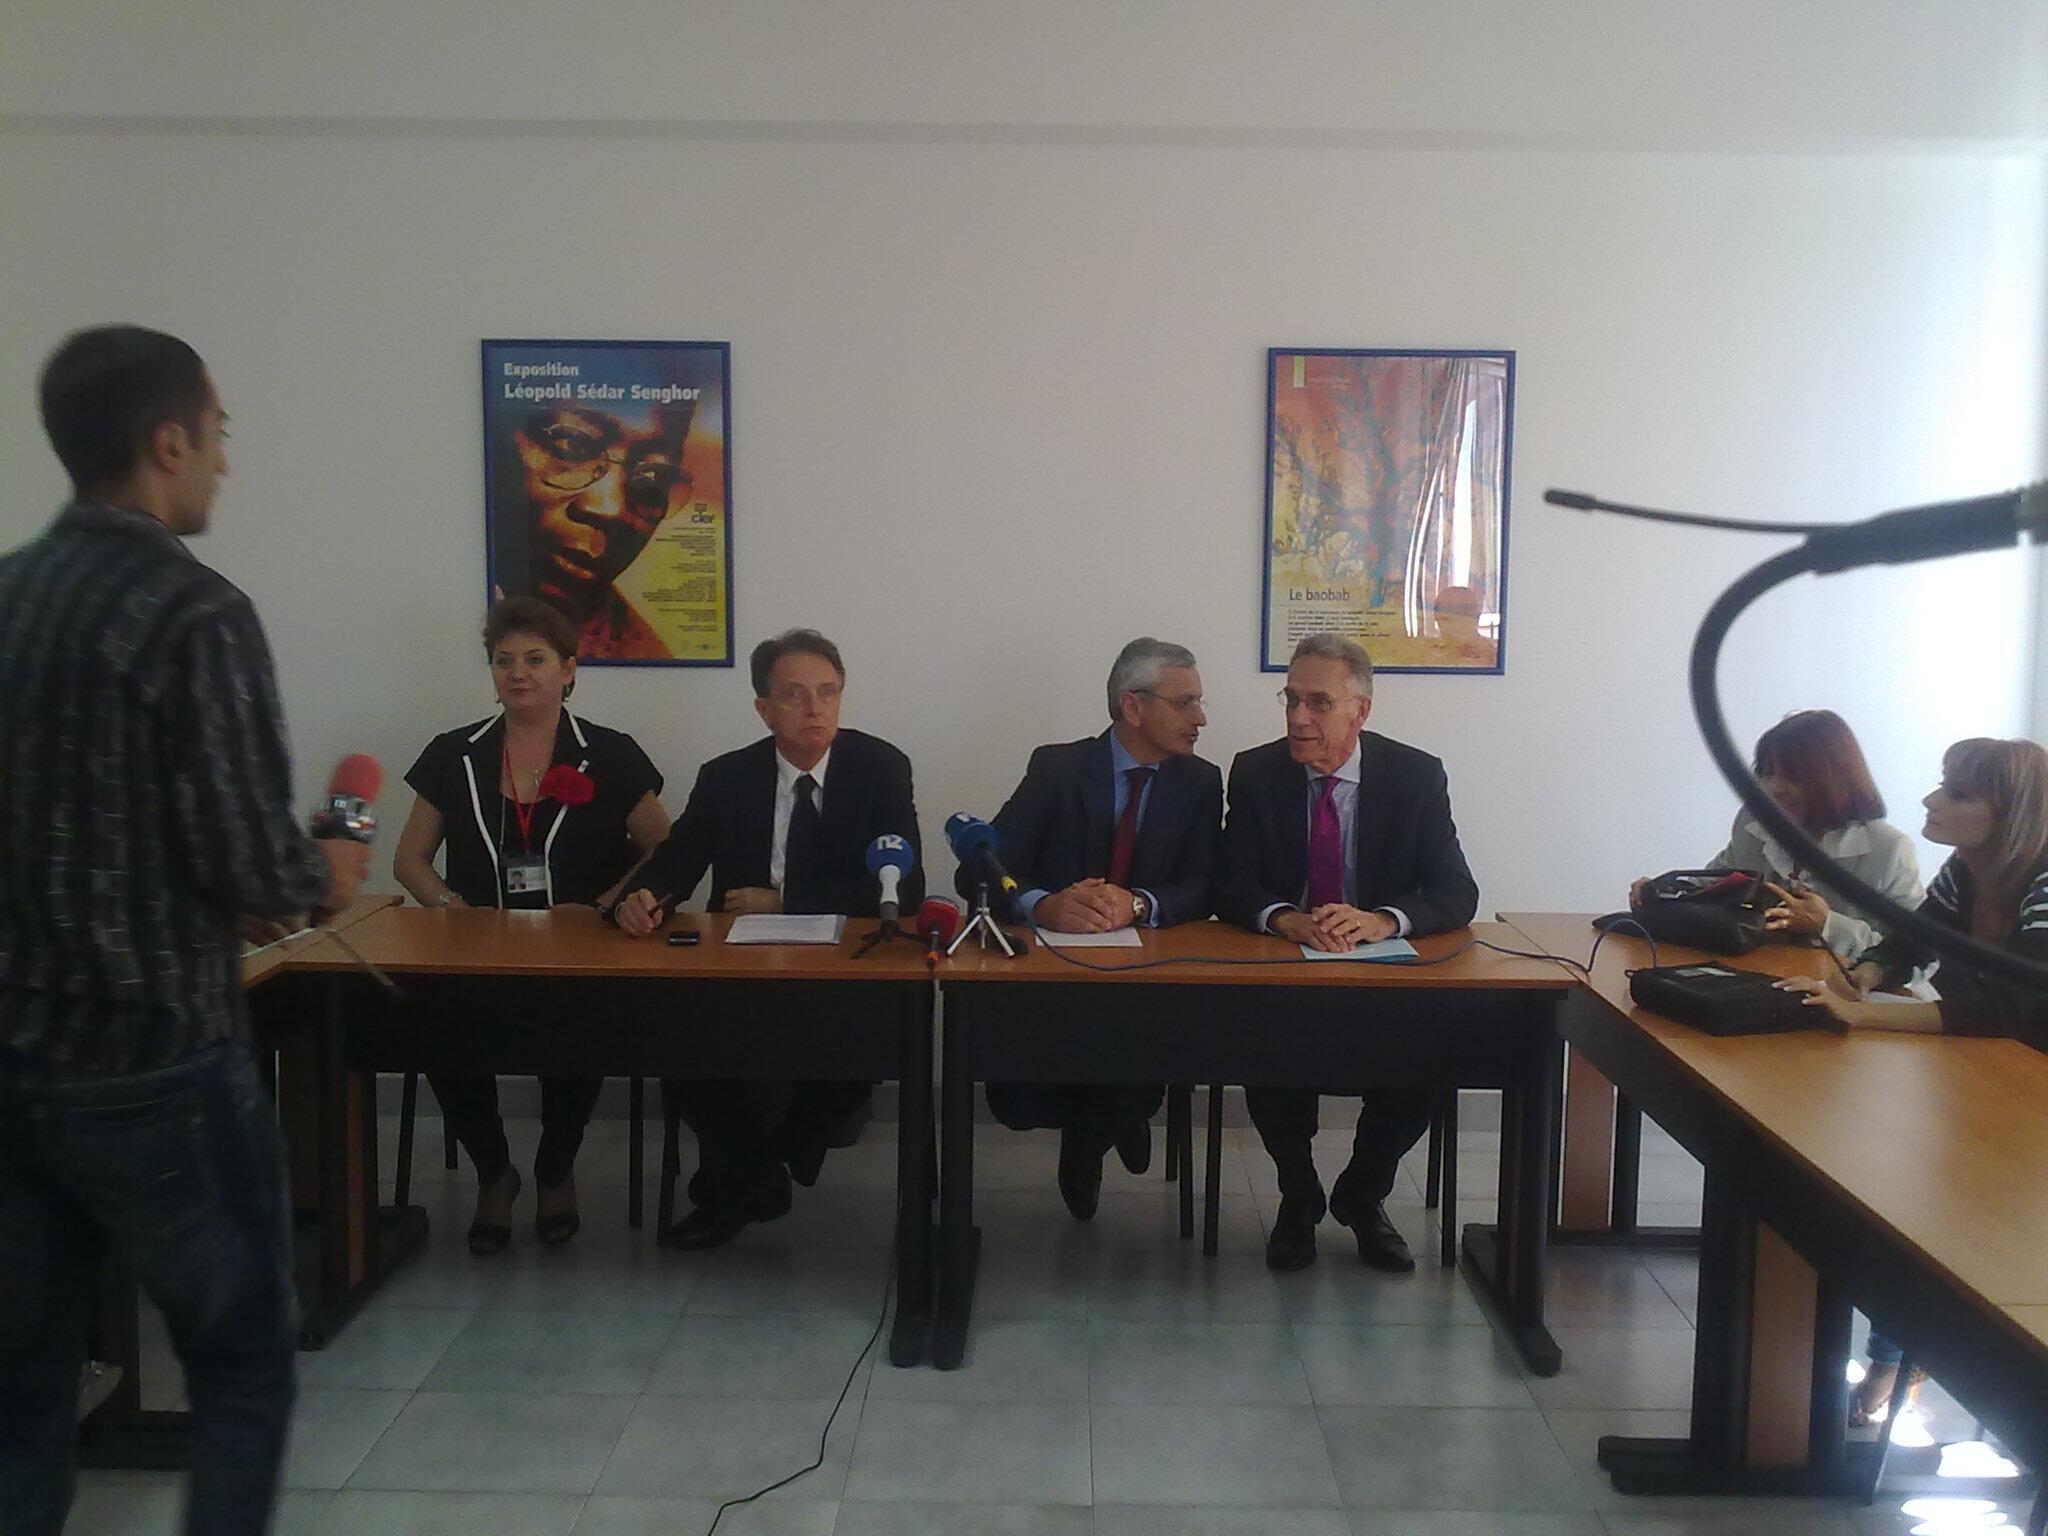 Открытие центра Альянс Франсез д'Армени. Справа - чрезвычайный полномочный посол Франции в Армении Анри Рено